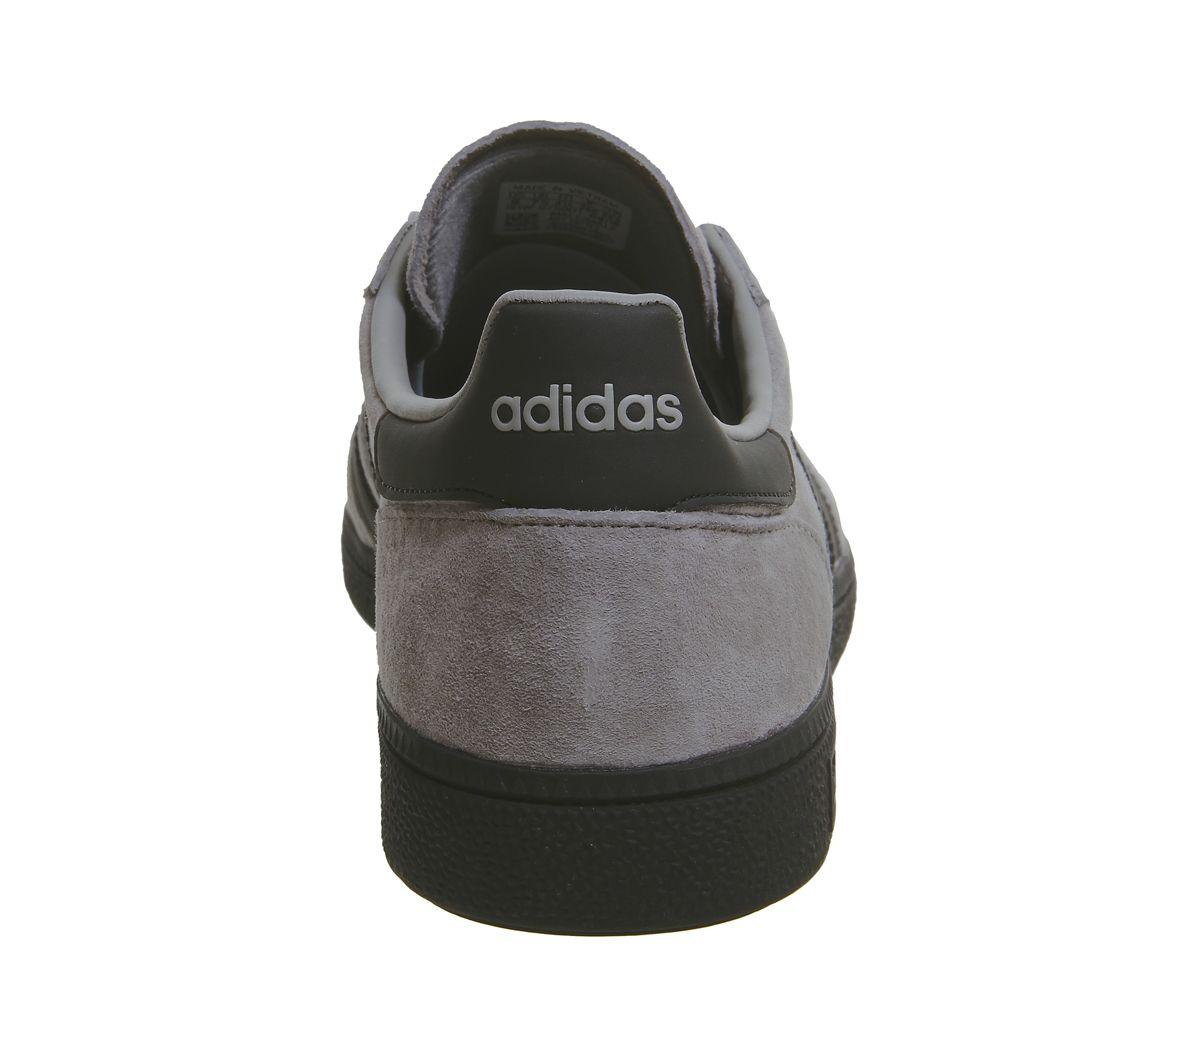 Details zu Adidas Handball Spezial Turnschuhe Schlicht Grau Kern Schwarz Silber Exklusiv